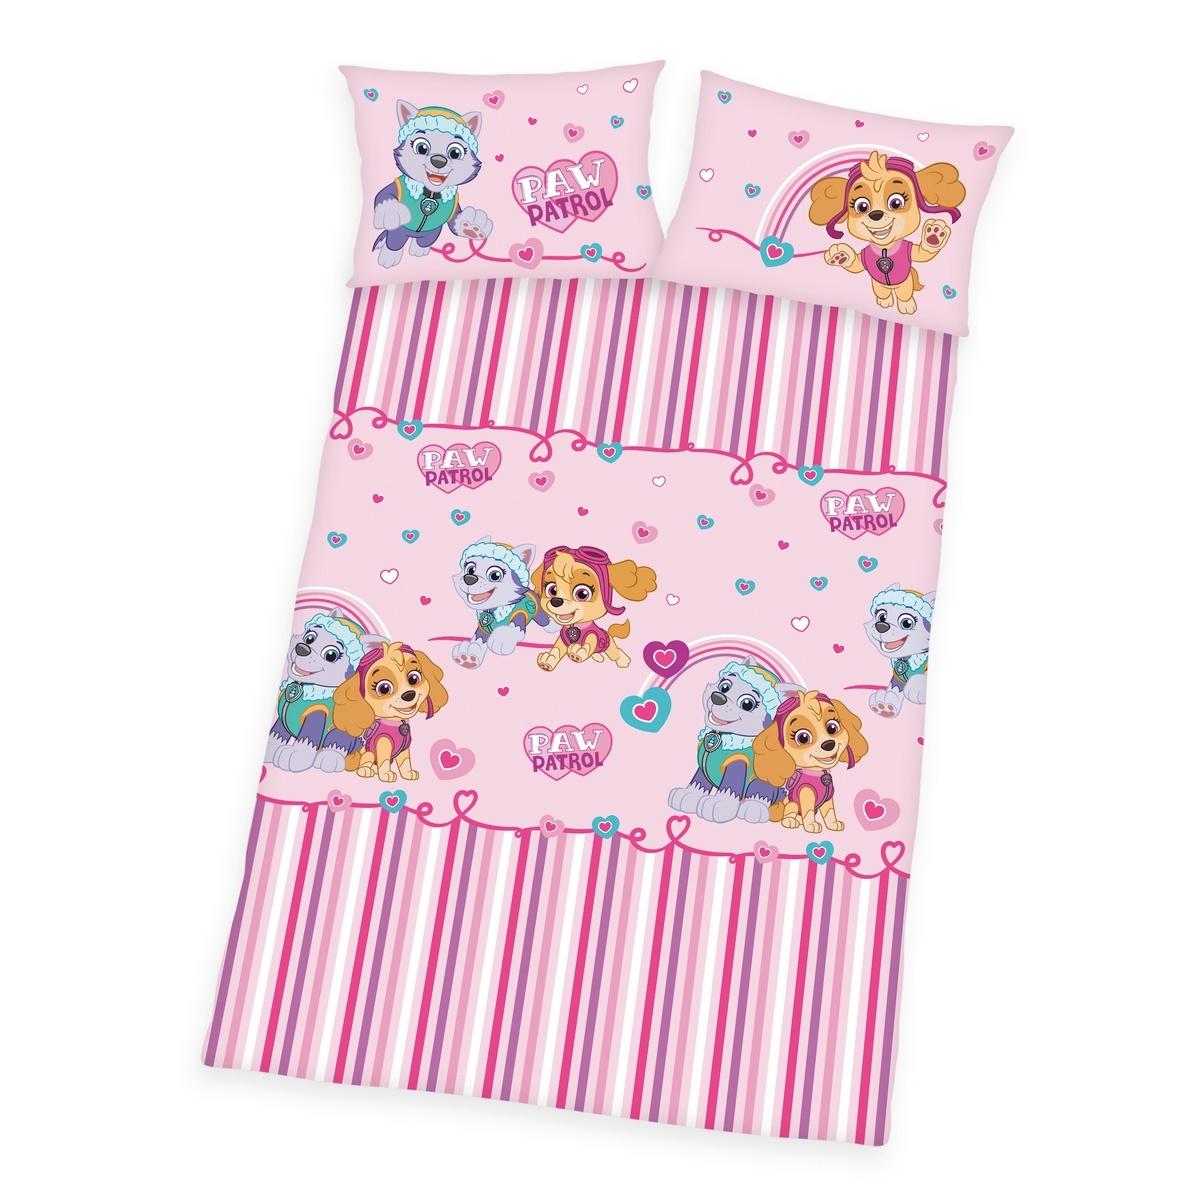 Herding Detské bavlnené obliečky do postieľky Tlapková Patrola pink, 100 x 135 cm, 40 x 60 cm